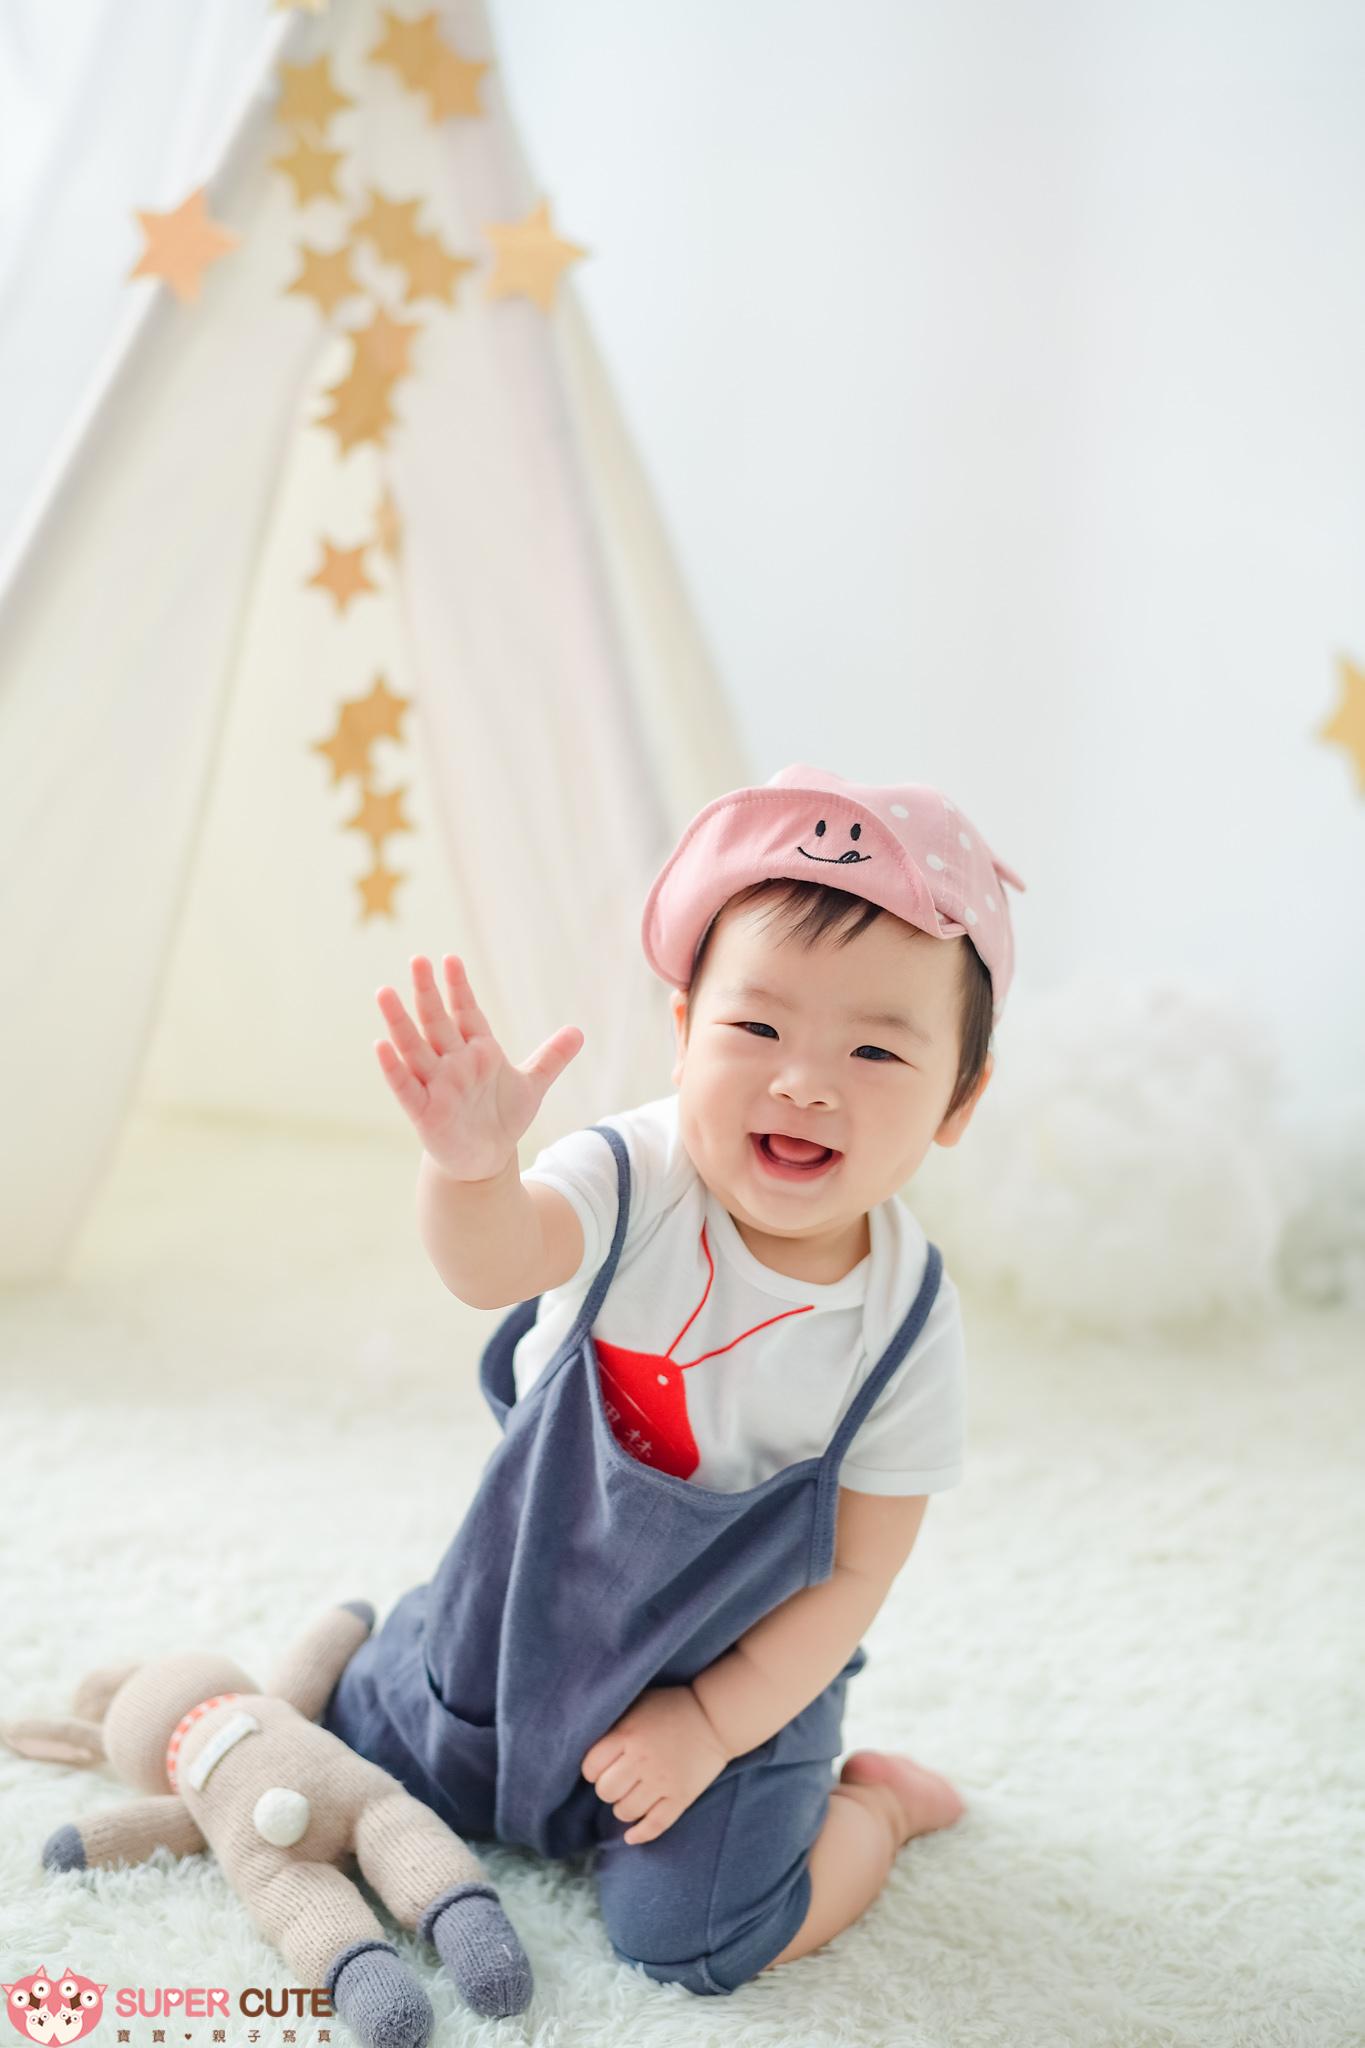 supercute-兒童寫真-親子寫真-寶寶寫真